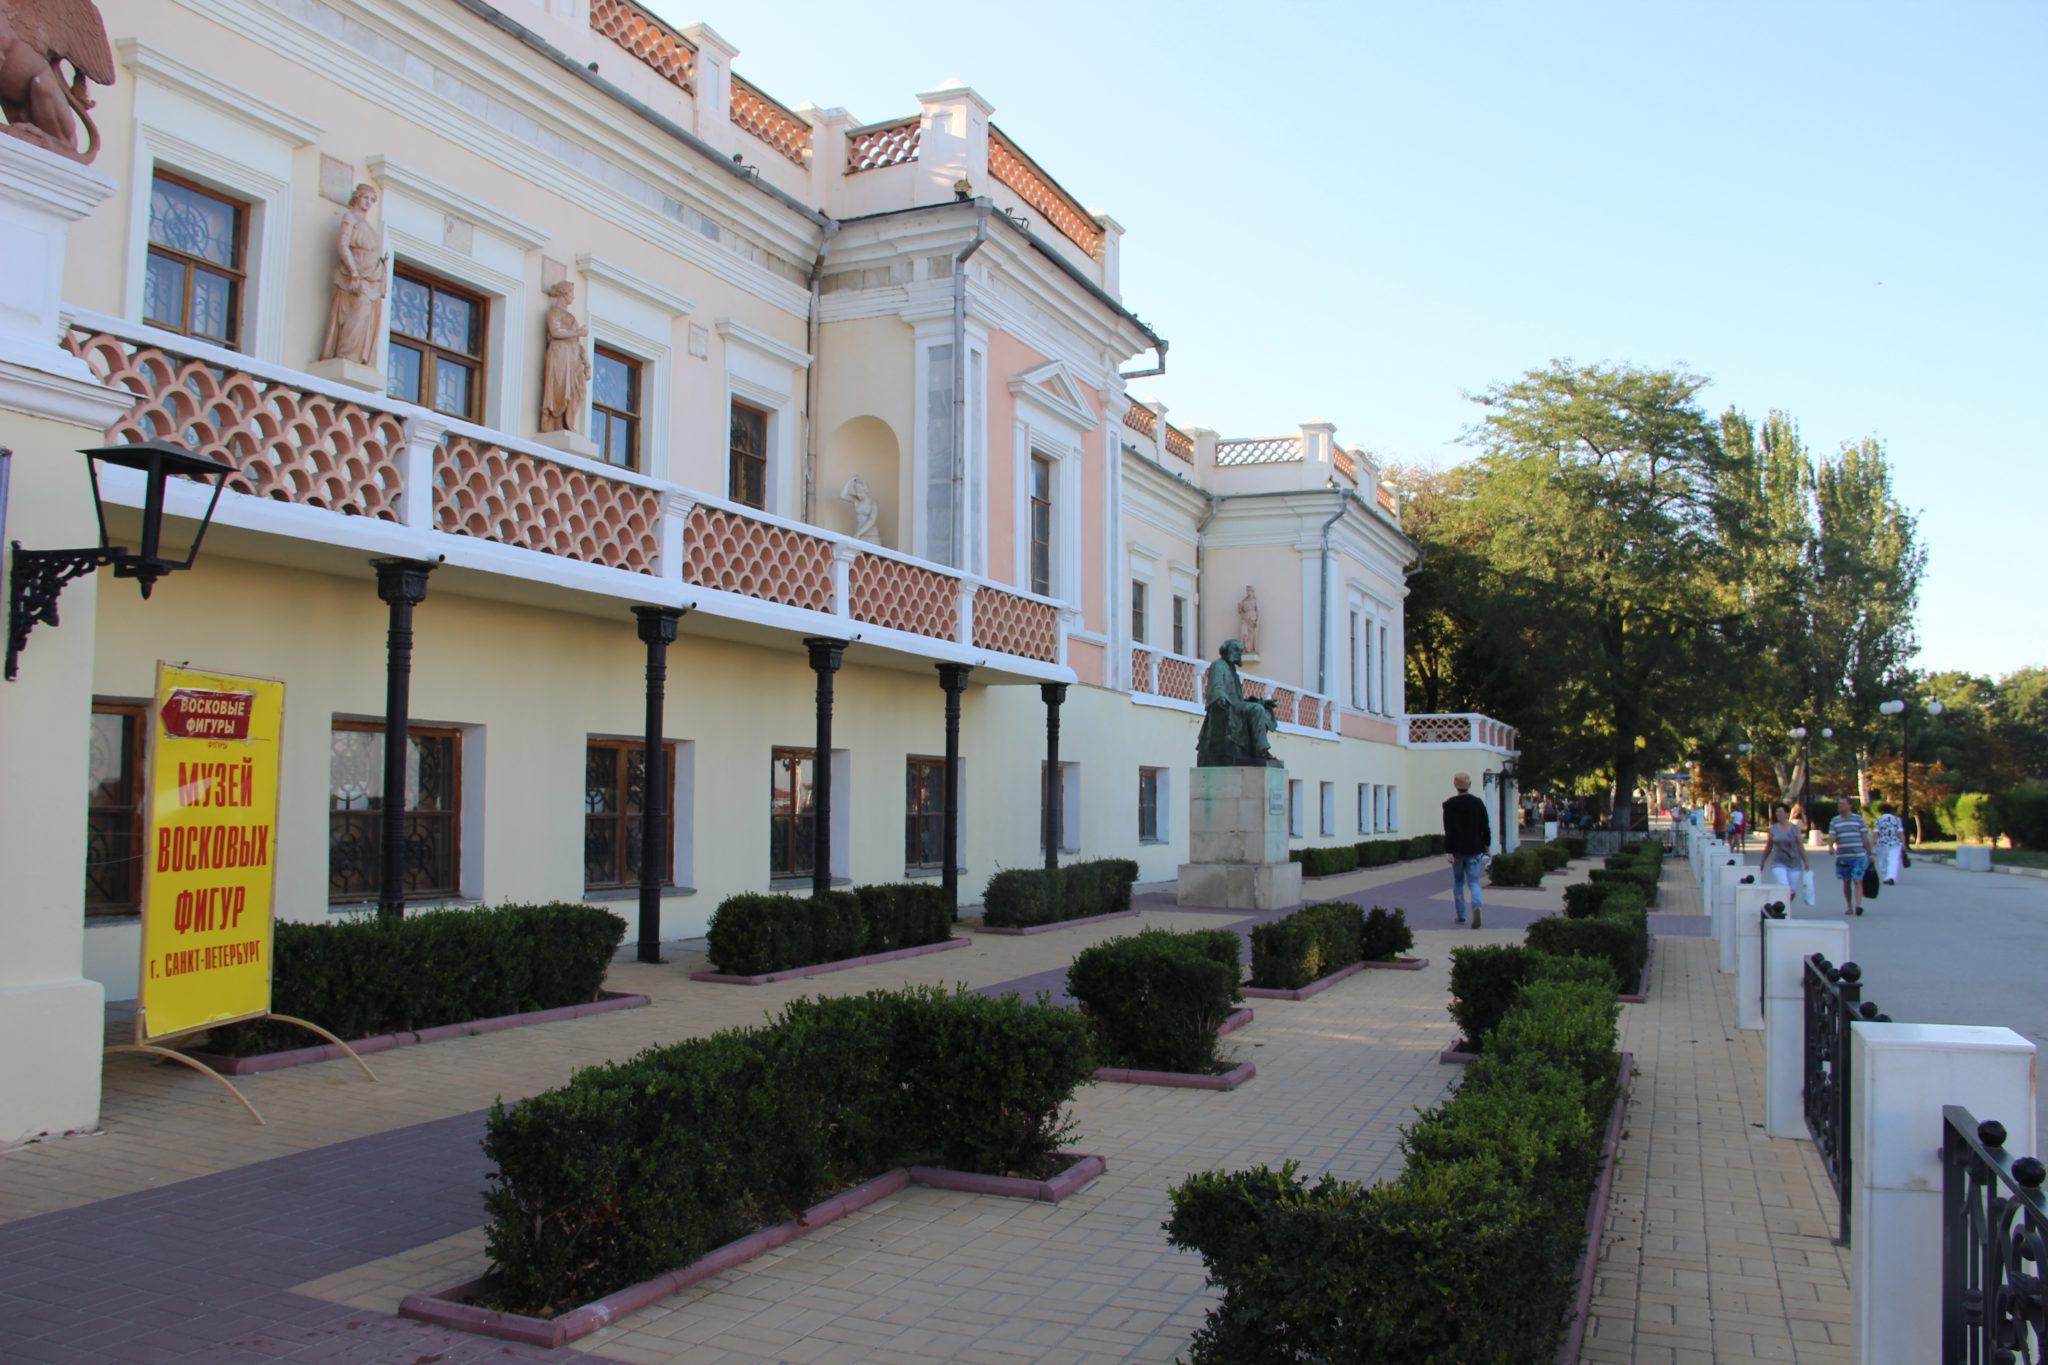 Достопримечательности Феодосии, картинная галерея Айвазовского в Крыму